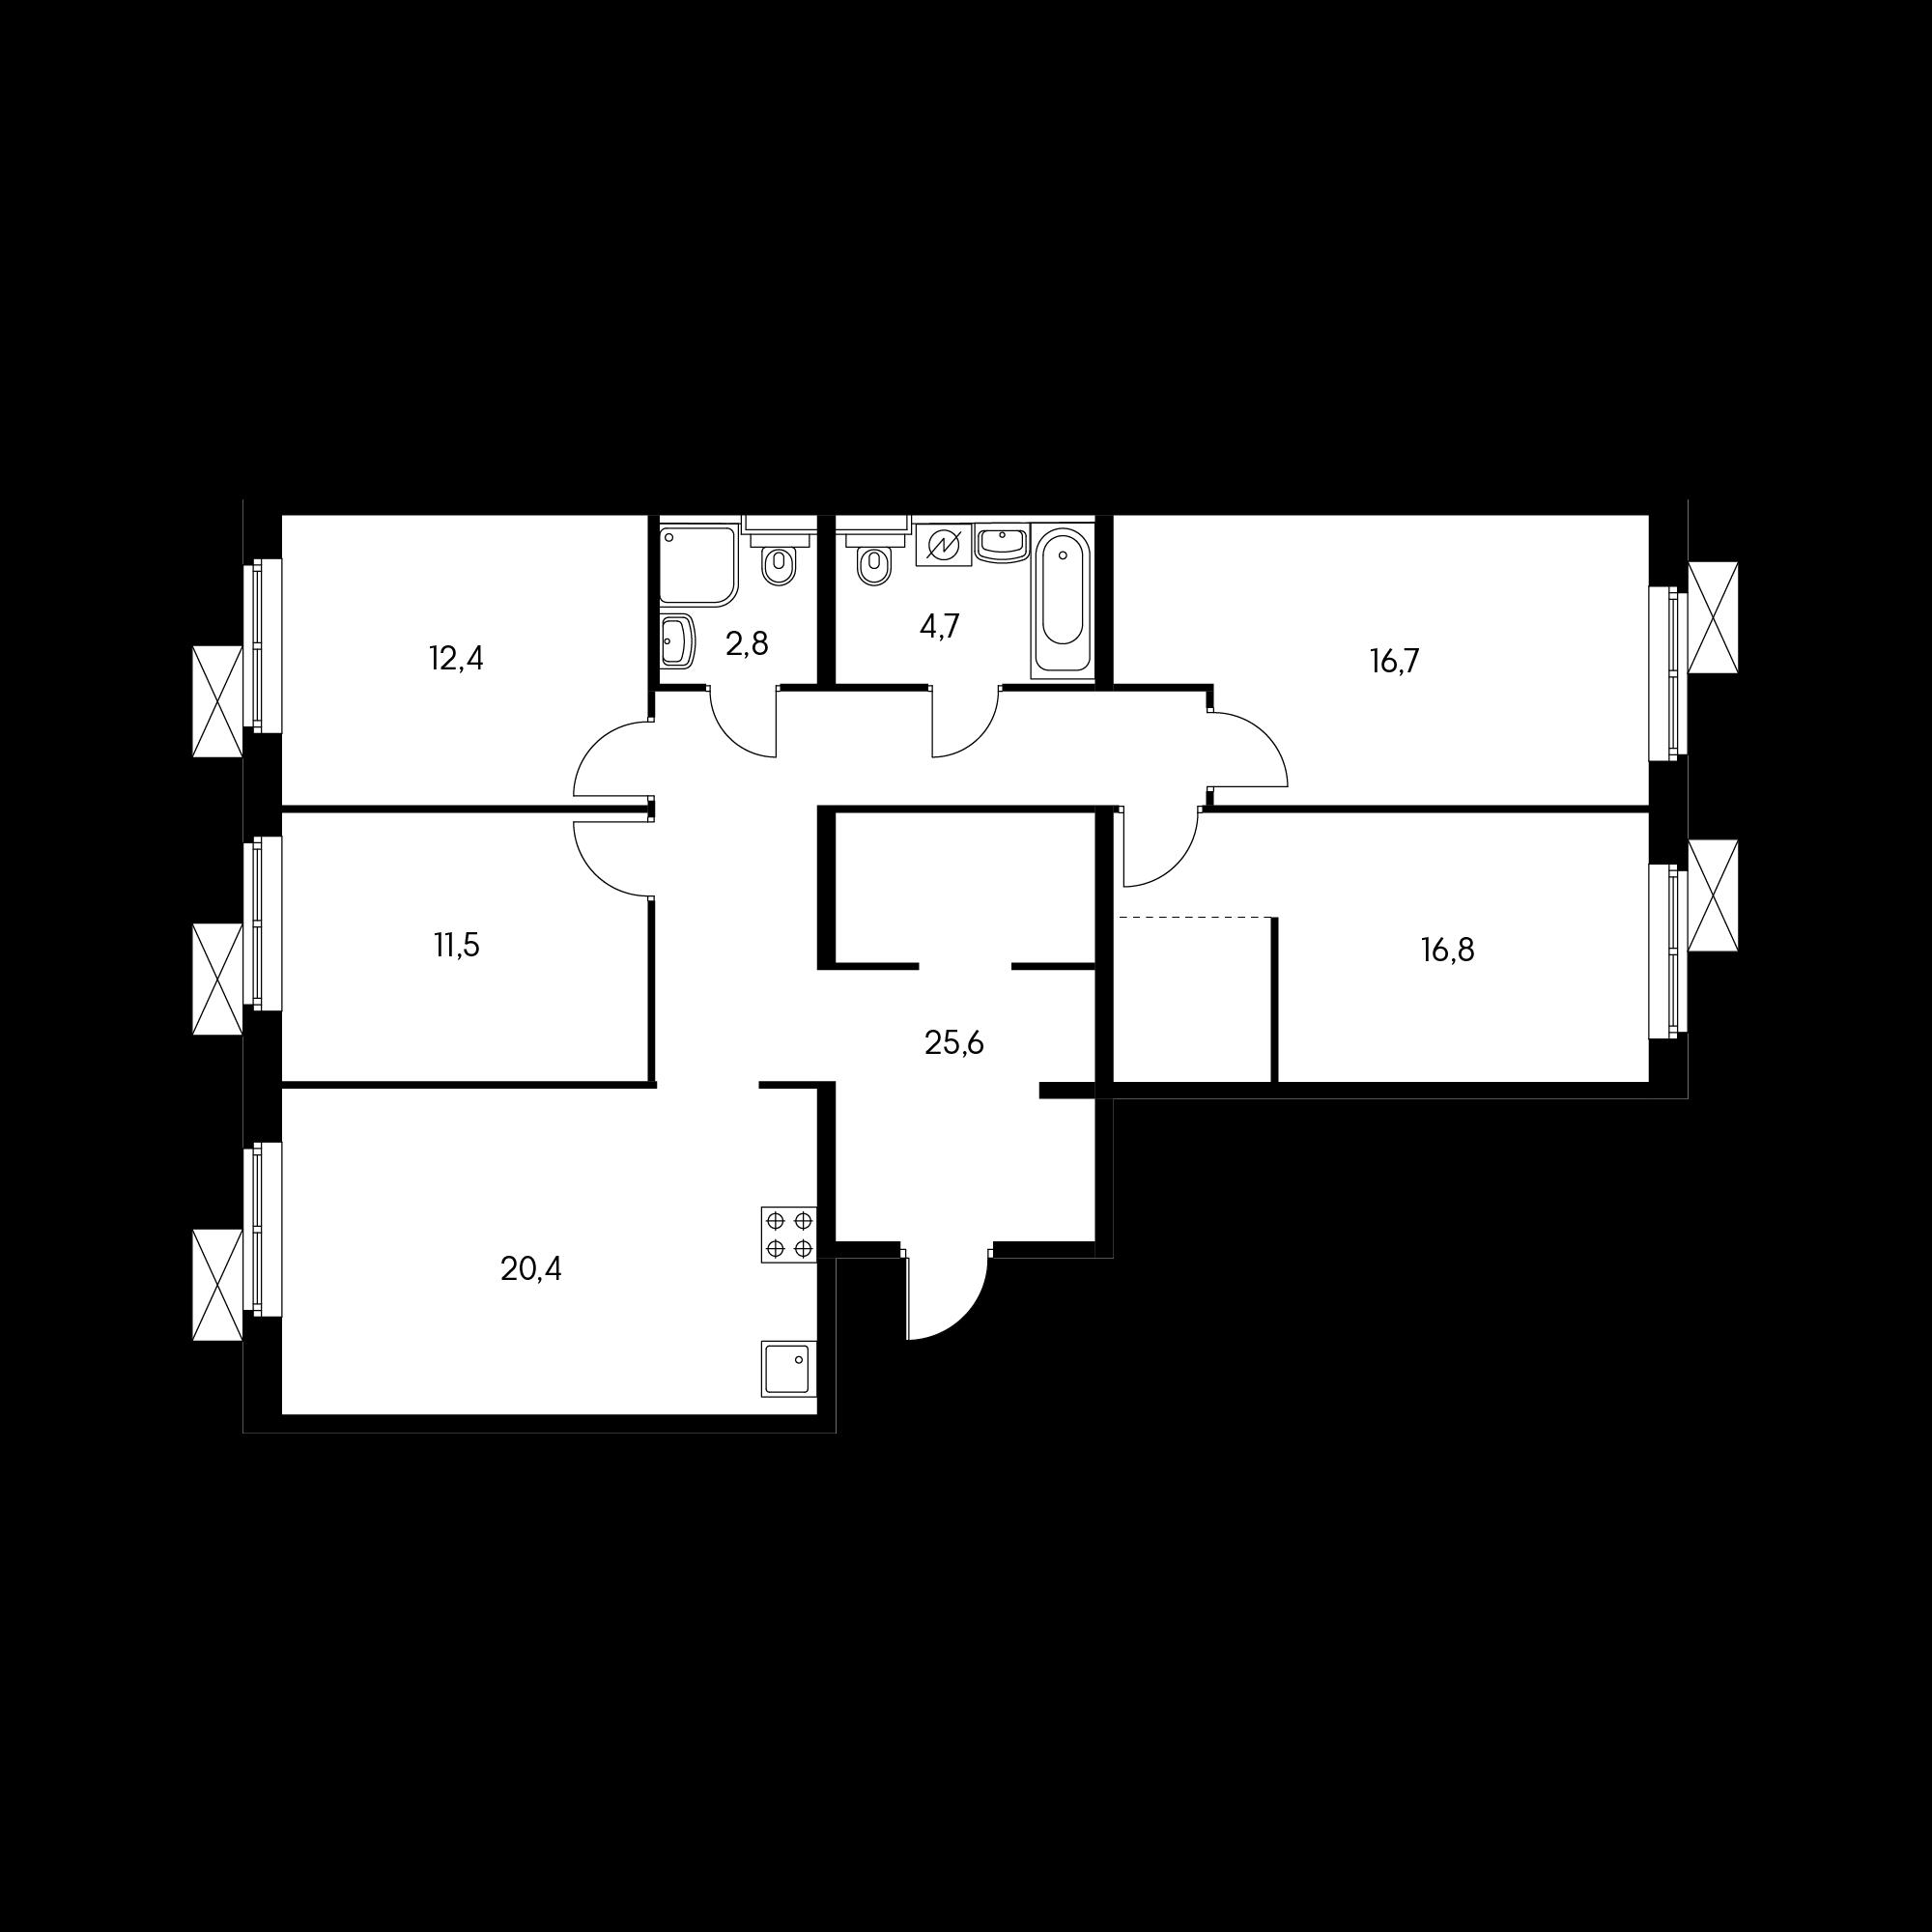 4-комнатная 110.9 м²